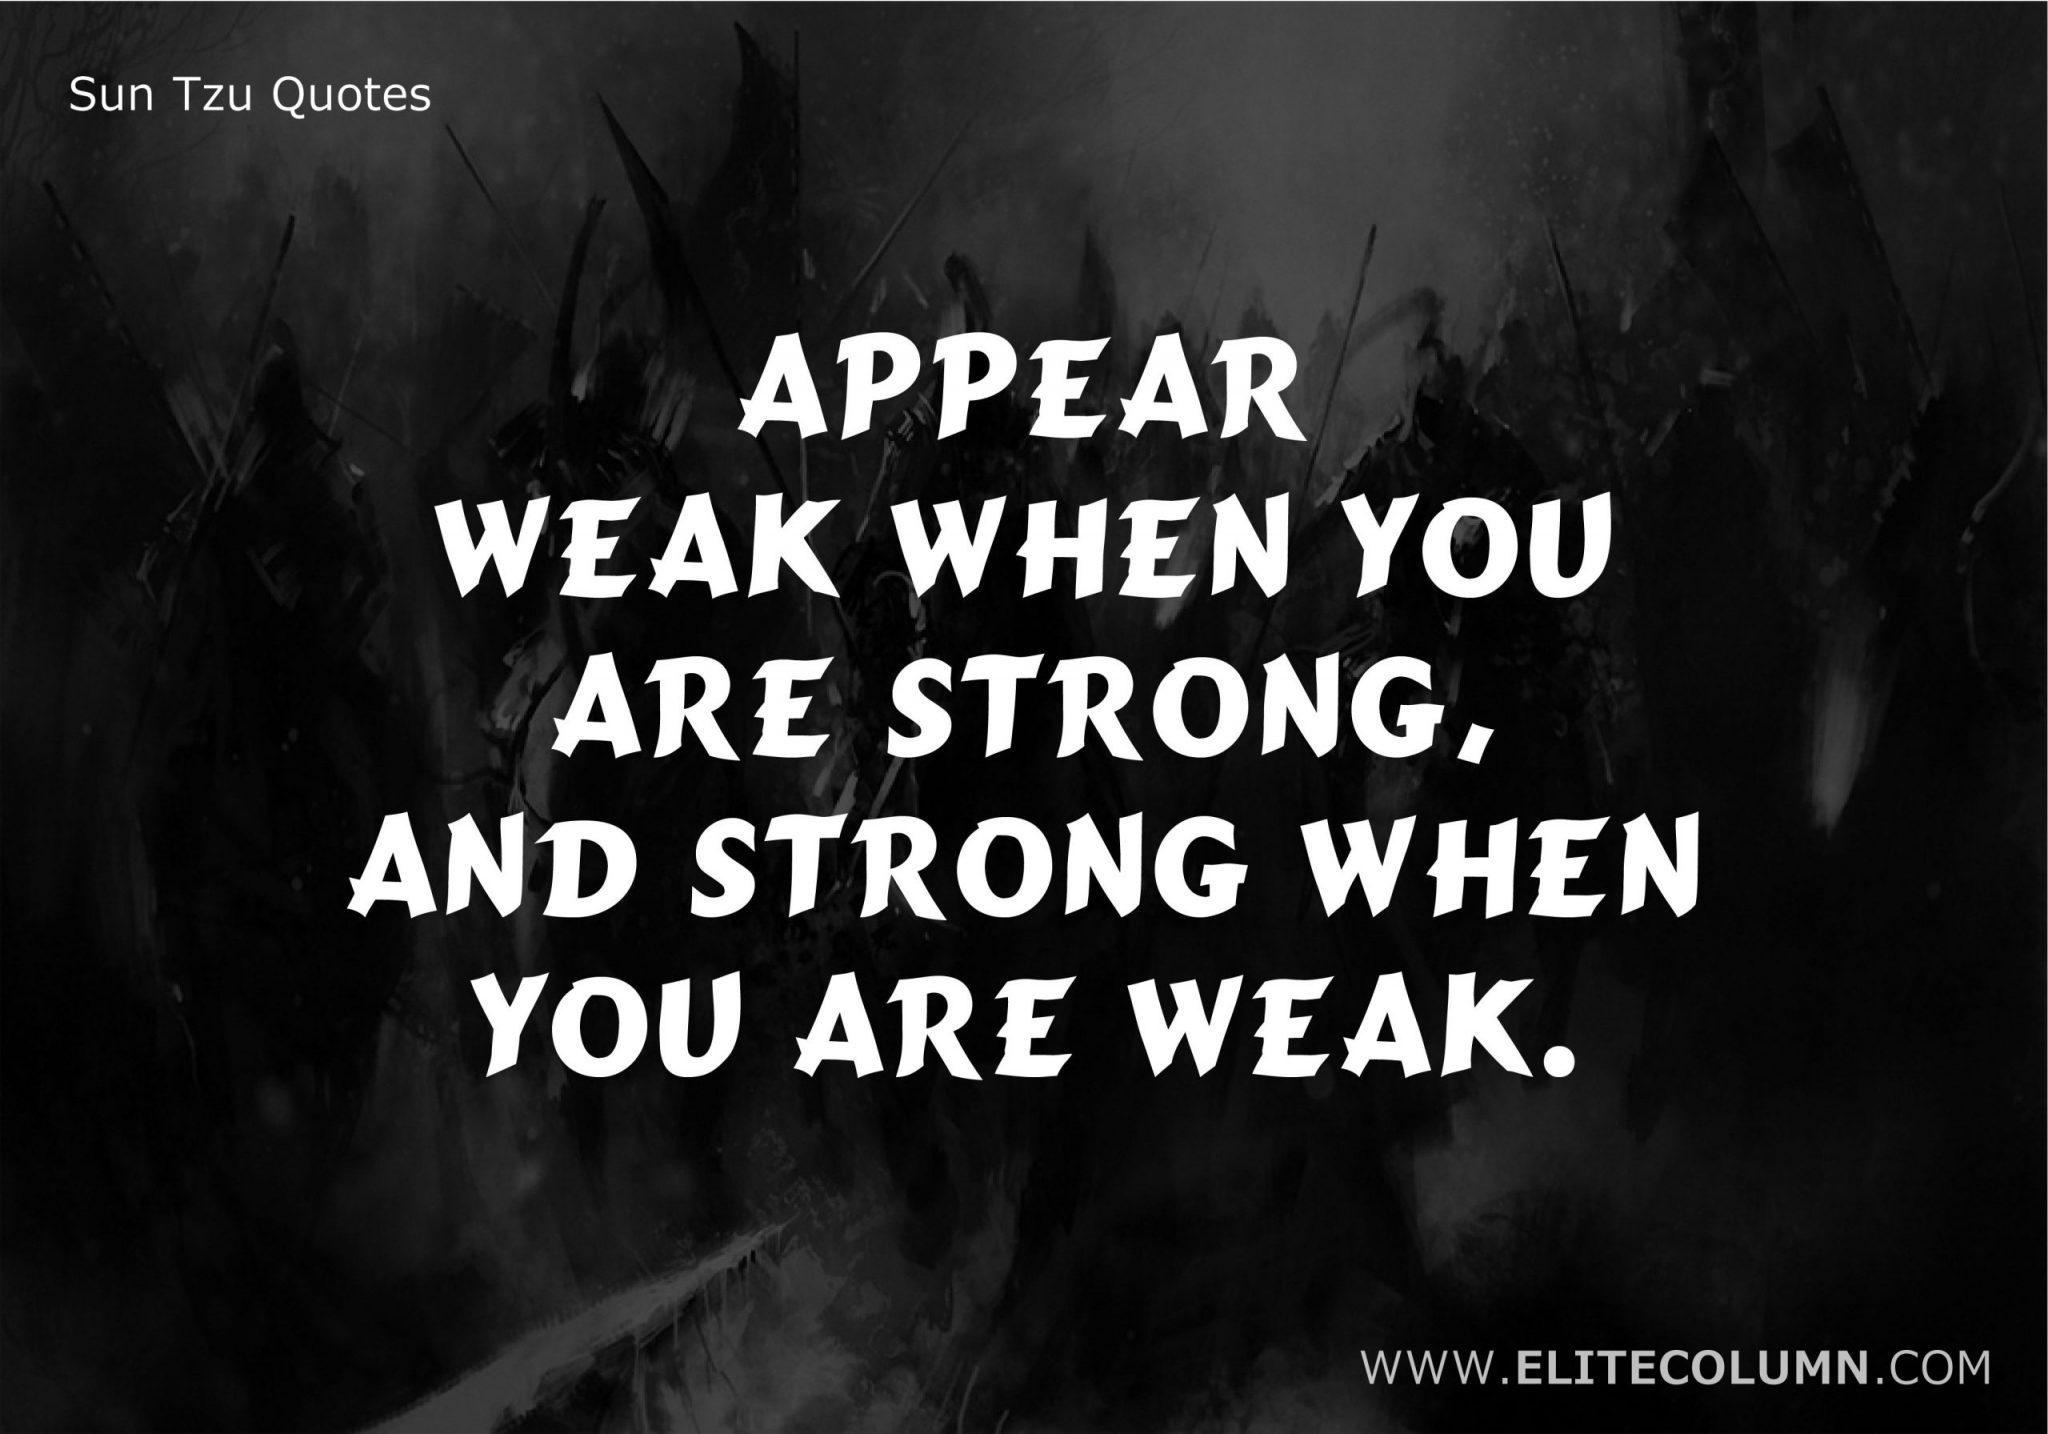 Sun Tzu Quotes (1)